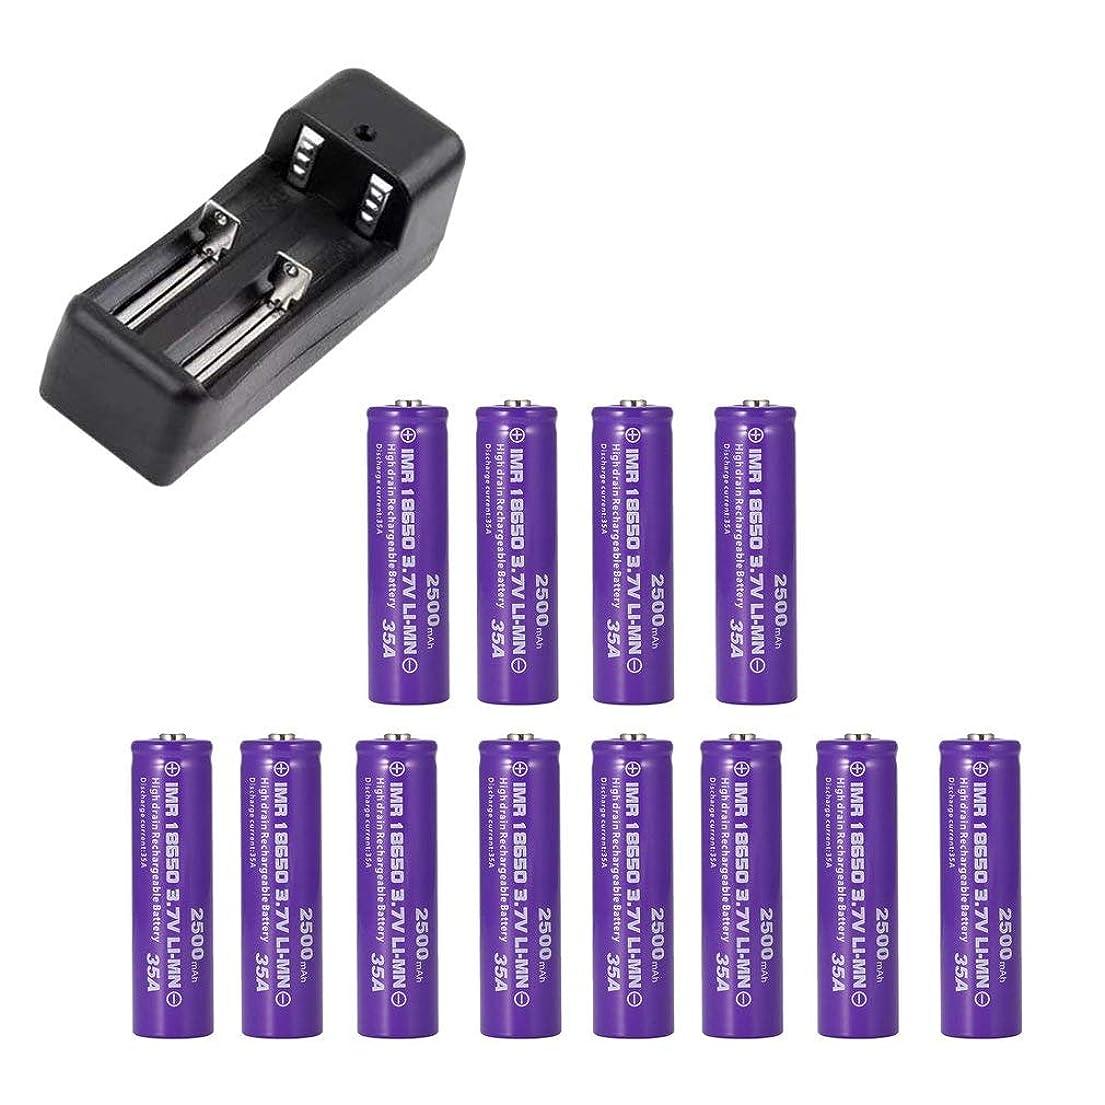 虚弱完全に乾く悲鳴12Pcs / Vtc6 3.7V 800Mahリチウムイオン充電式18650バッテリー、Sony Us18650 C6 30A電子タバコツール+ 18650充電器(紫2溝)